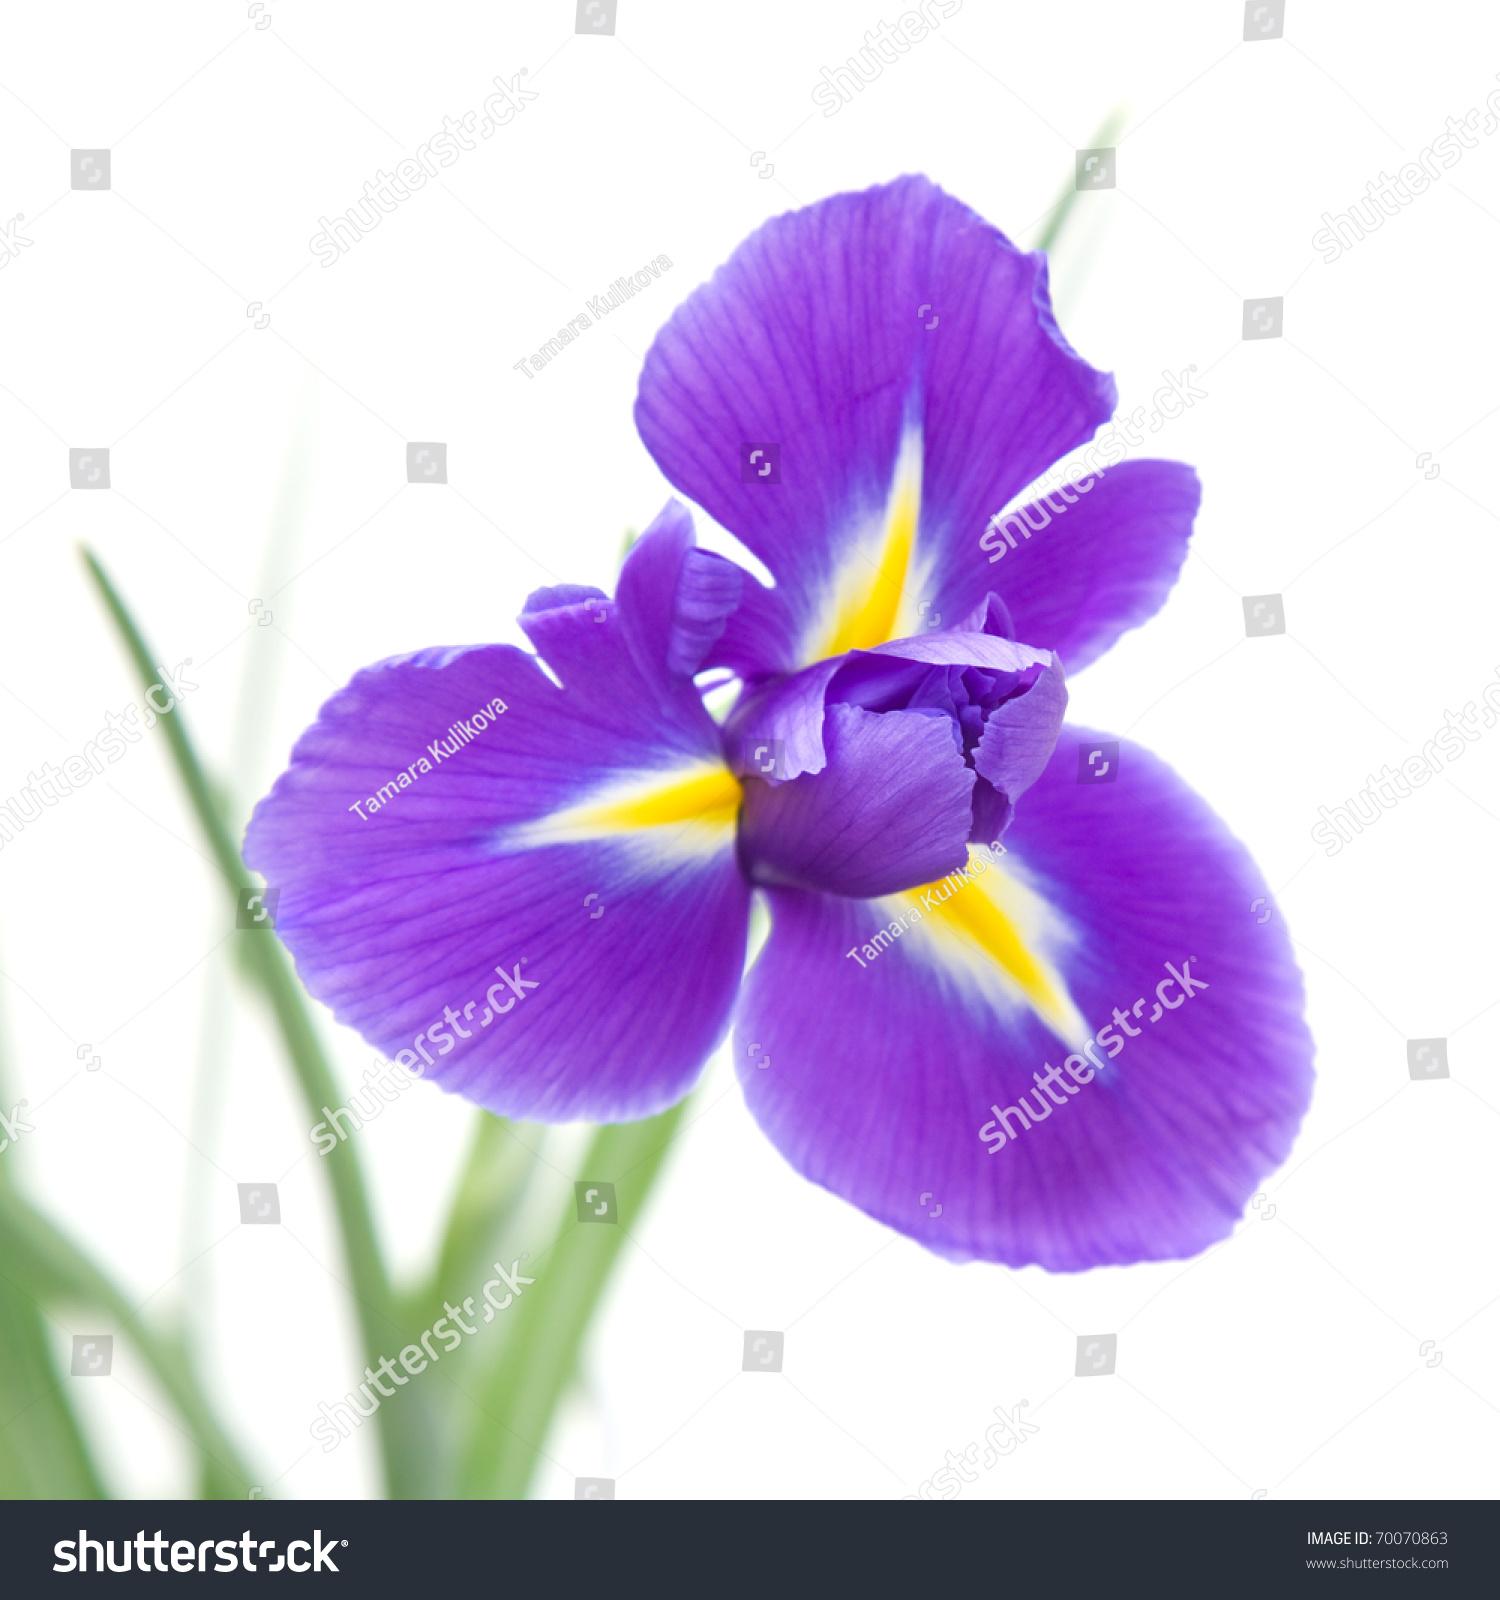 Royalty free beautiful dark purple iris flower 70070863 stock beautiful dark purple iris flower isolated on white background 70070863 izmirmasajfo